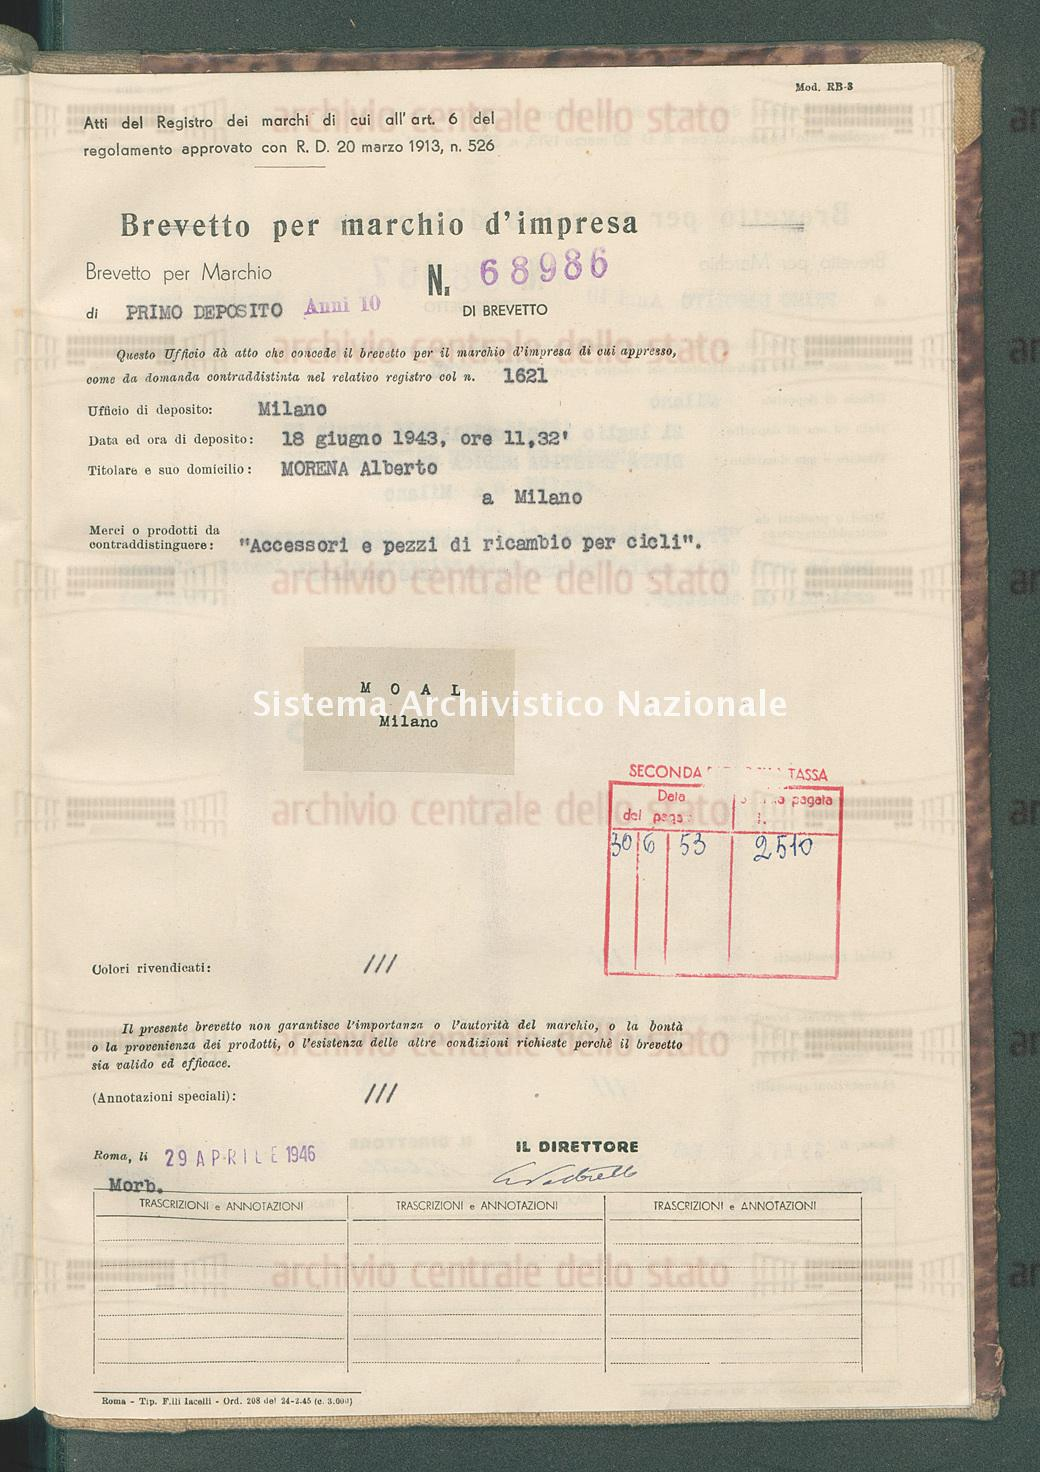 'Accessori e pezzi di ricambio per cicli' Morena Alberto (29/04/1946)